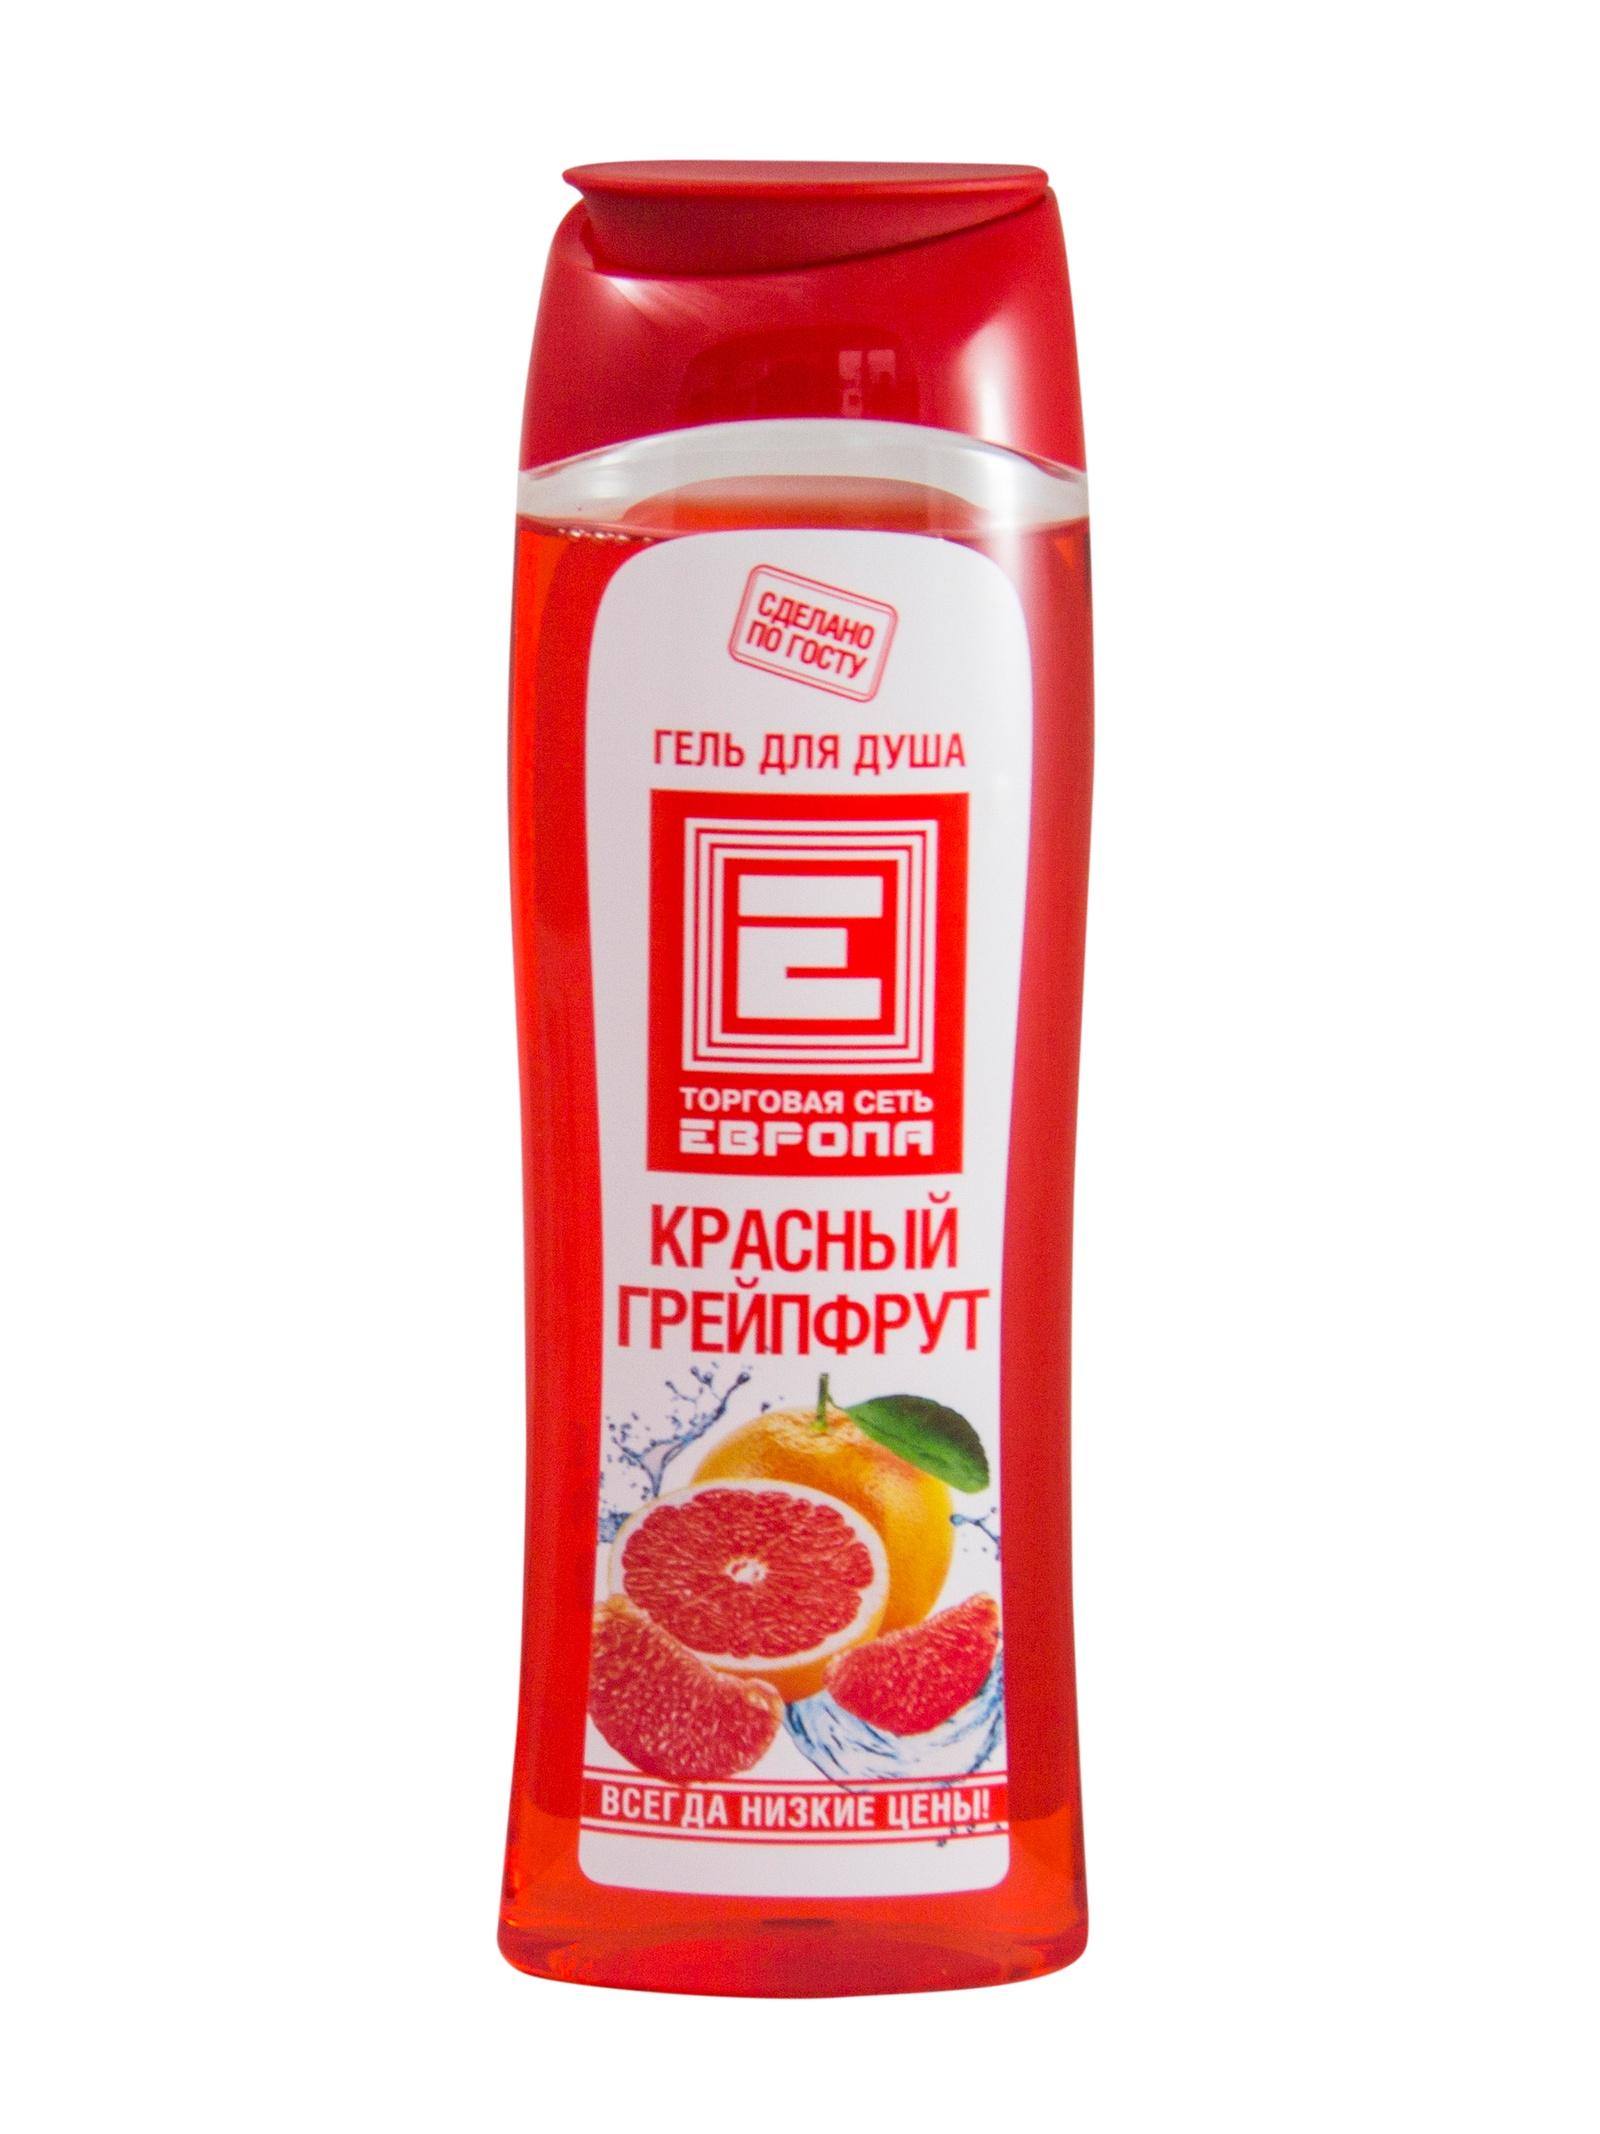 Гель для душа ЕВРОПА Красный грейпфрут 250мл. 825613 lpm гель шампунь для мужчин шафран и красный апельсин 250мл